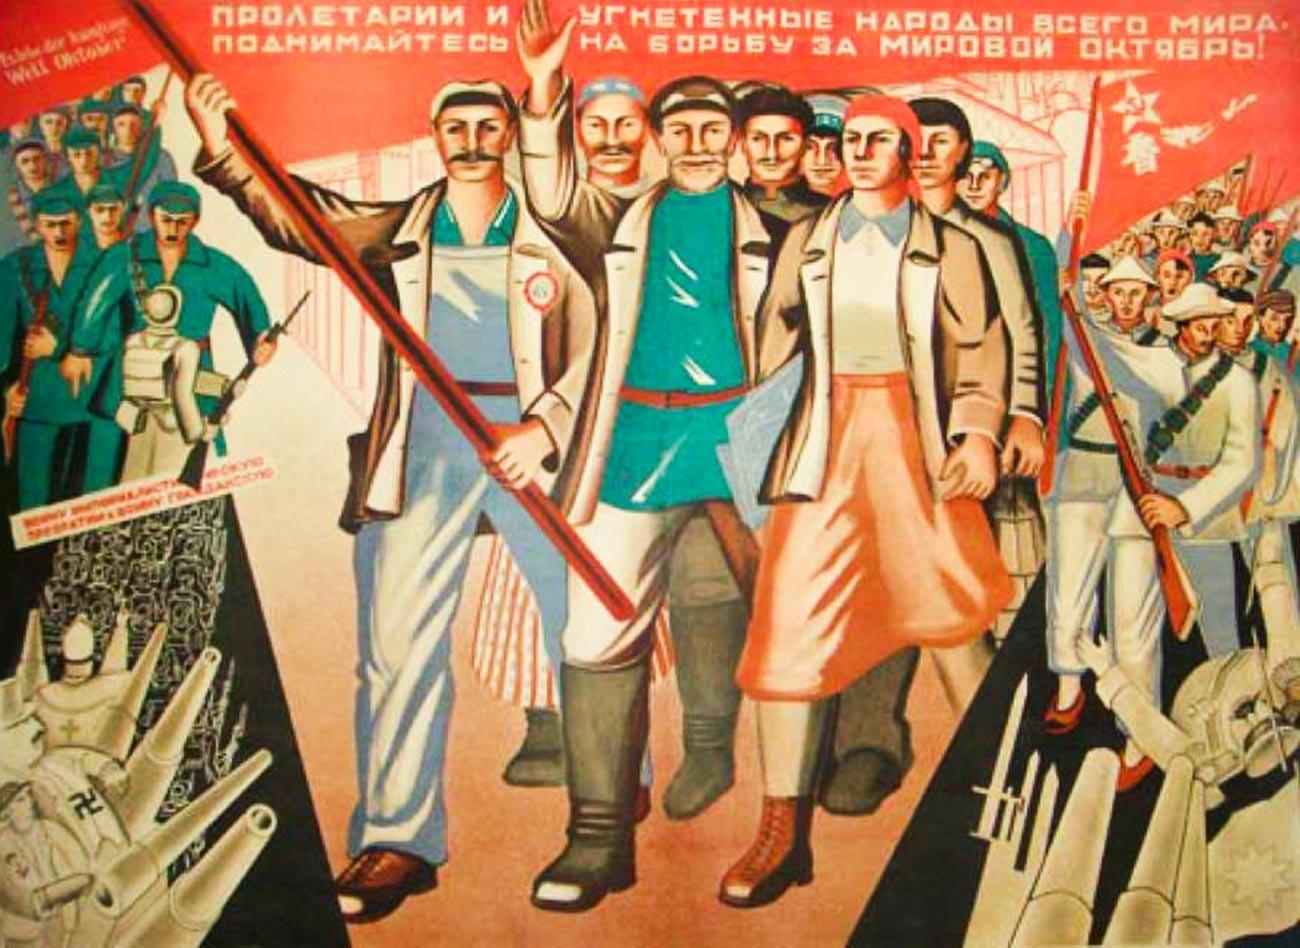 全世界のプロレタリアと抑圧された人民よ、世界に10月革命を起こす闘争のために立ち上がれ!